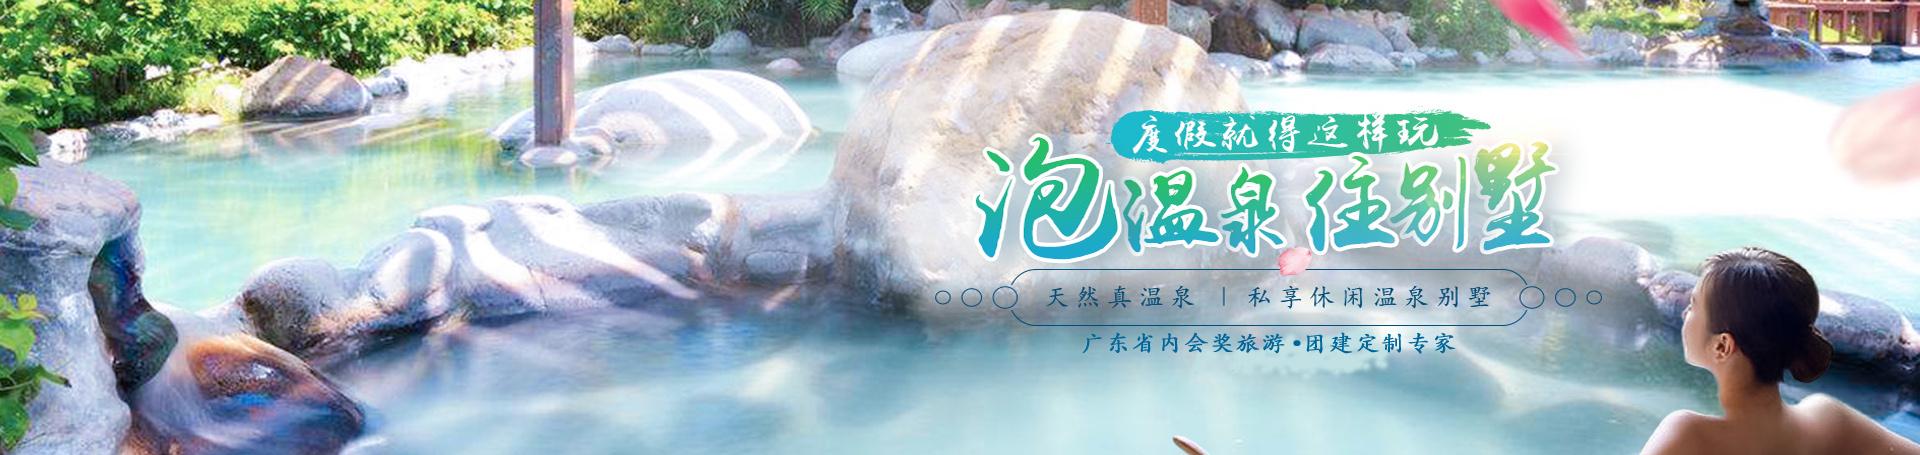 深圳周邊旅游